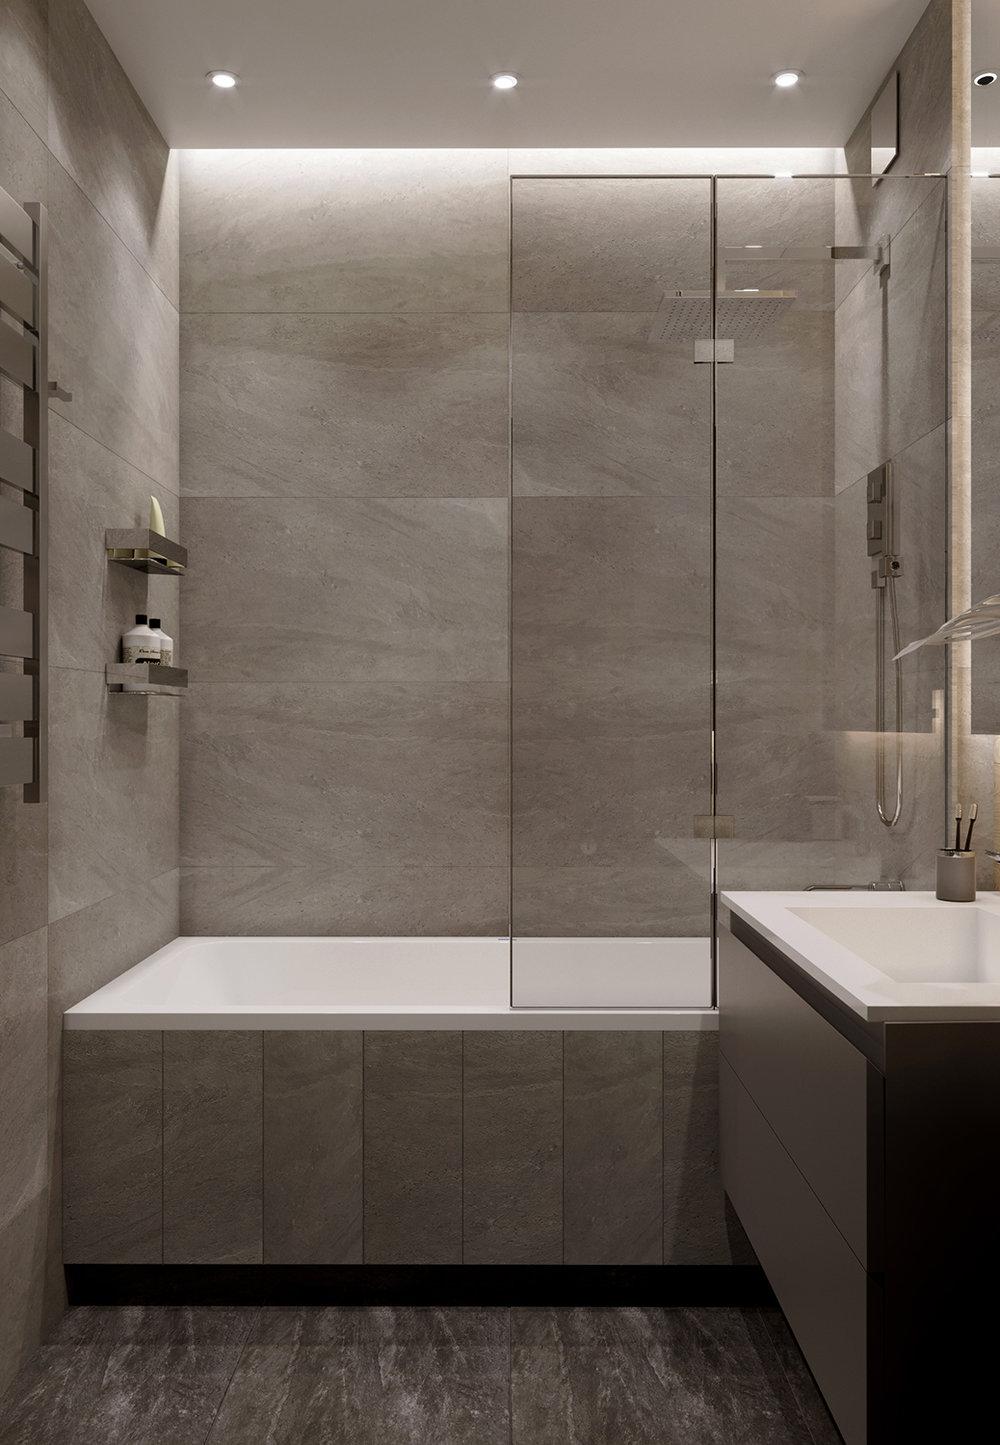 26.Ванная комната_ракурс_2.jpg